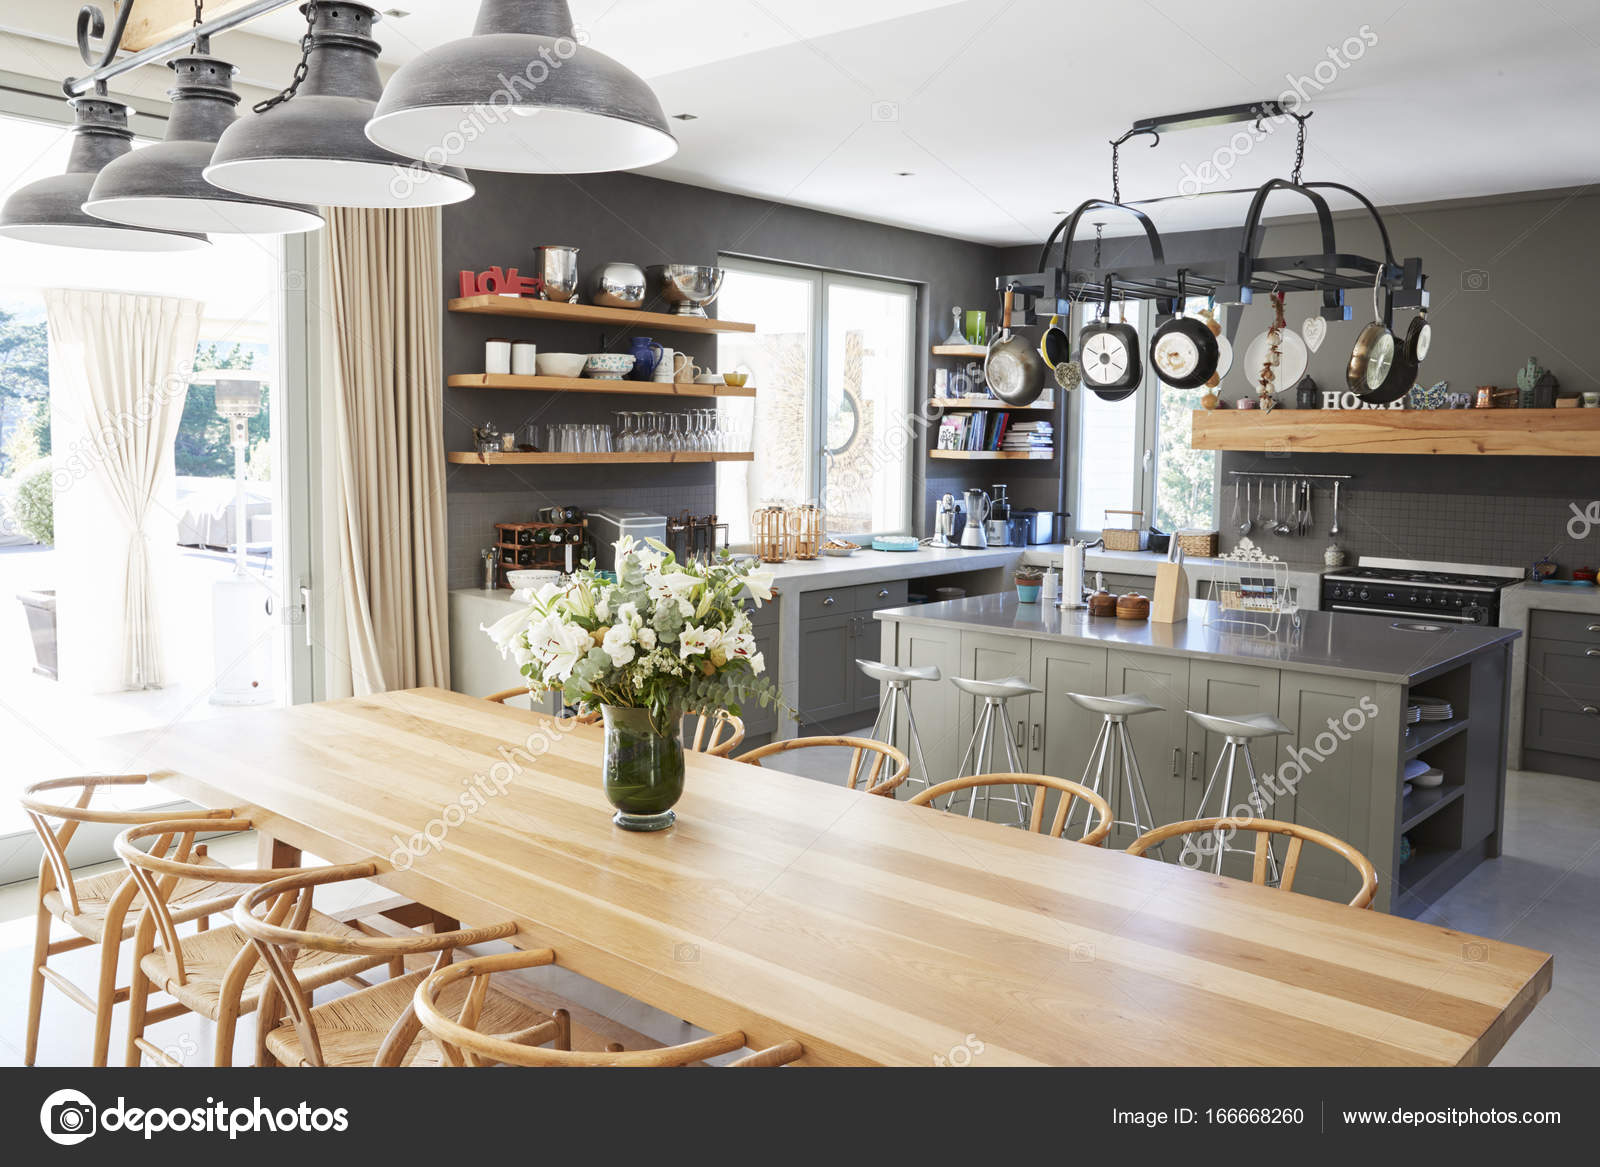 Exceptionnel Intérieur De La Maison Avec Cuisine Ouverte Et Salle à Manger U2014 Image De ...